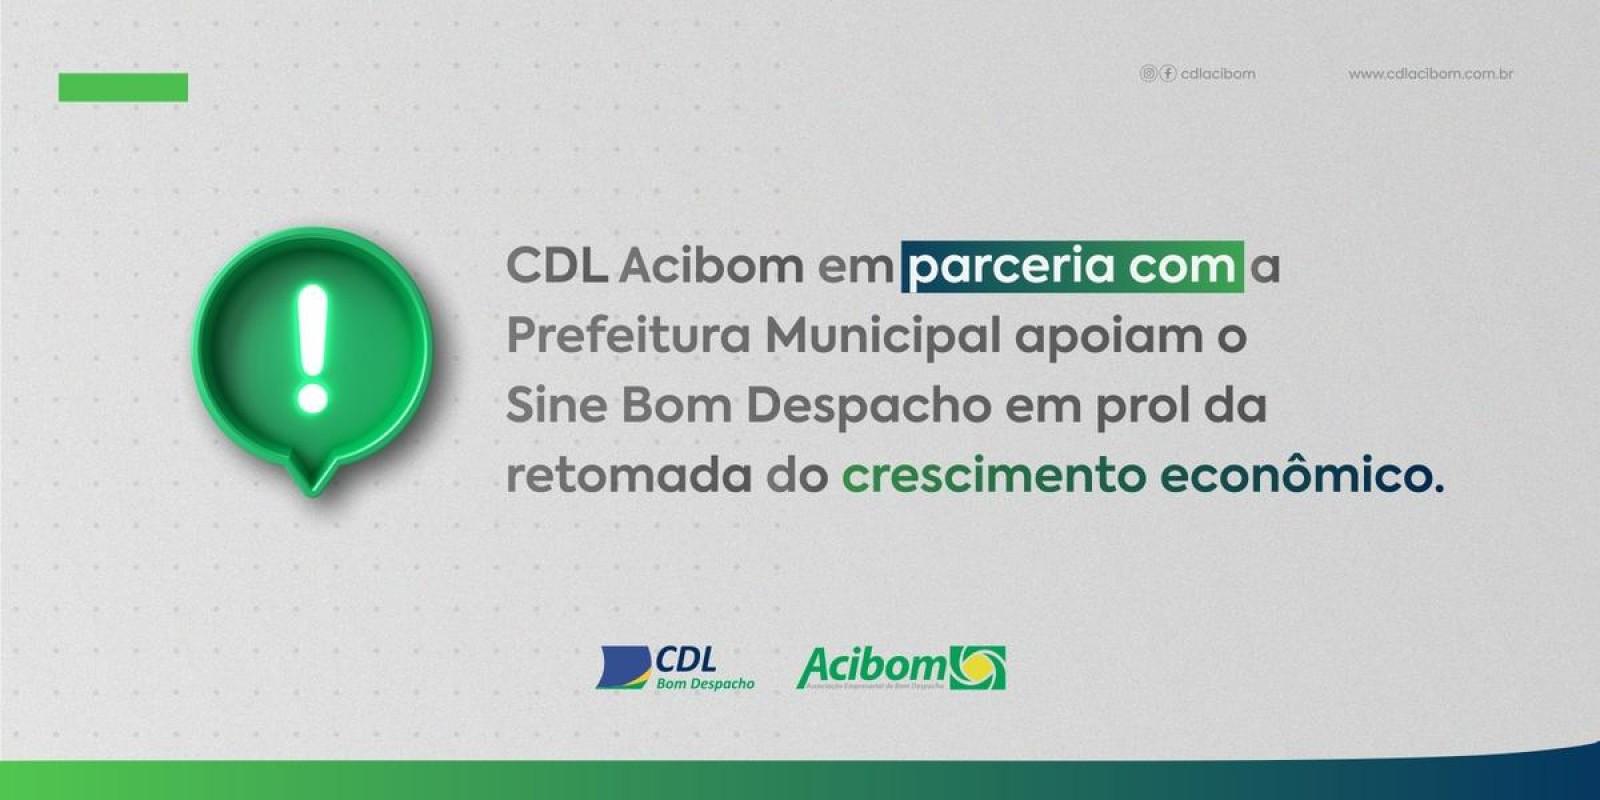 CDL Acibom em parceria com a Prefeitura Municipal apoiam o Sine Bom Despacho em prol da retomada do crescimento econômico